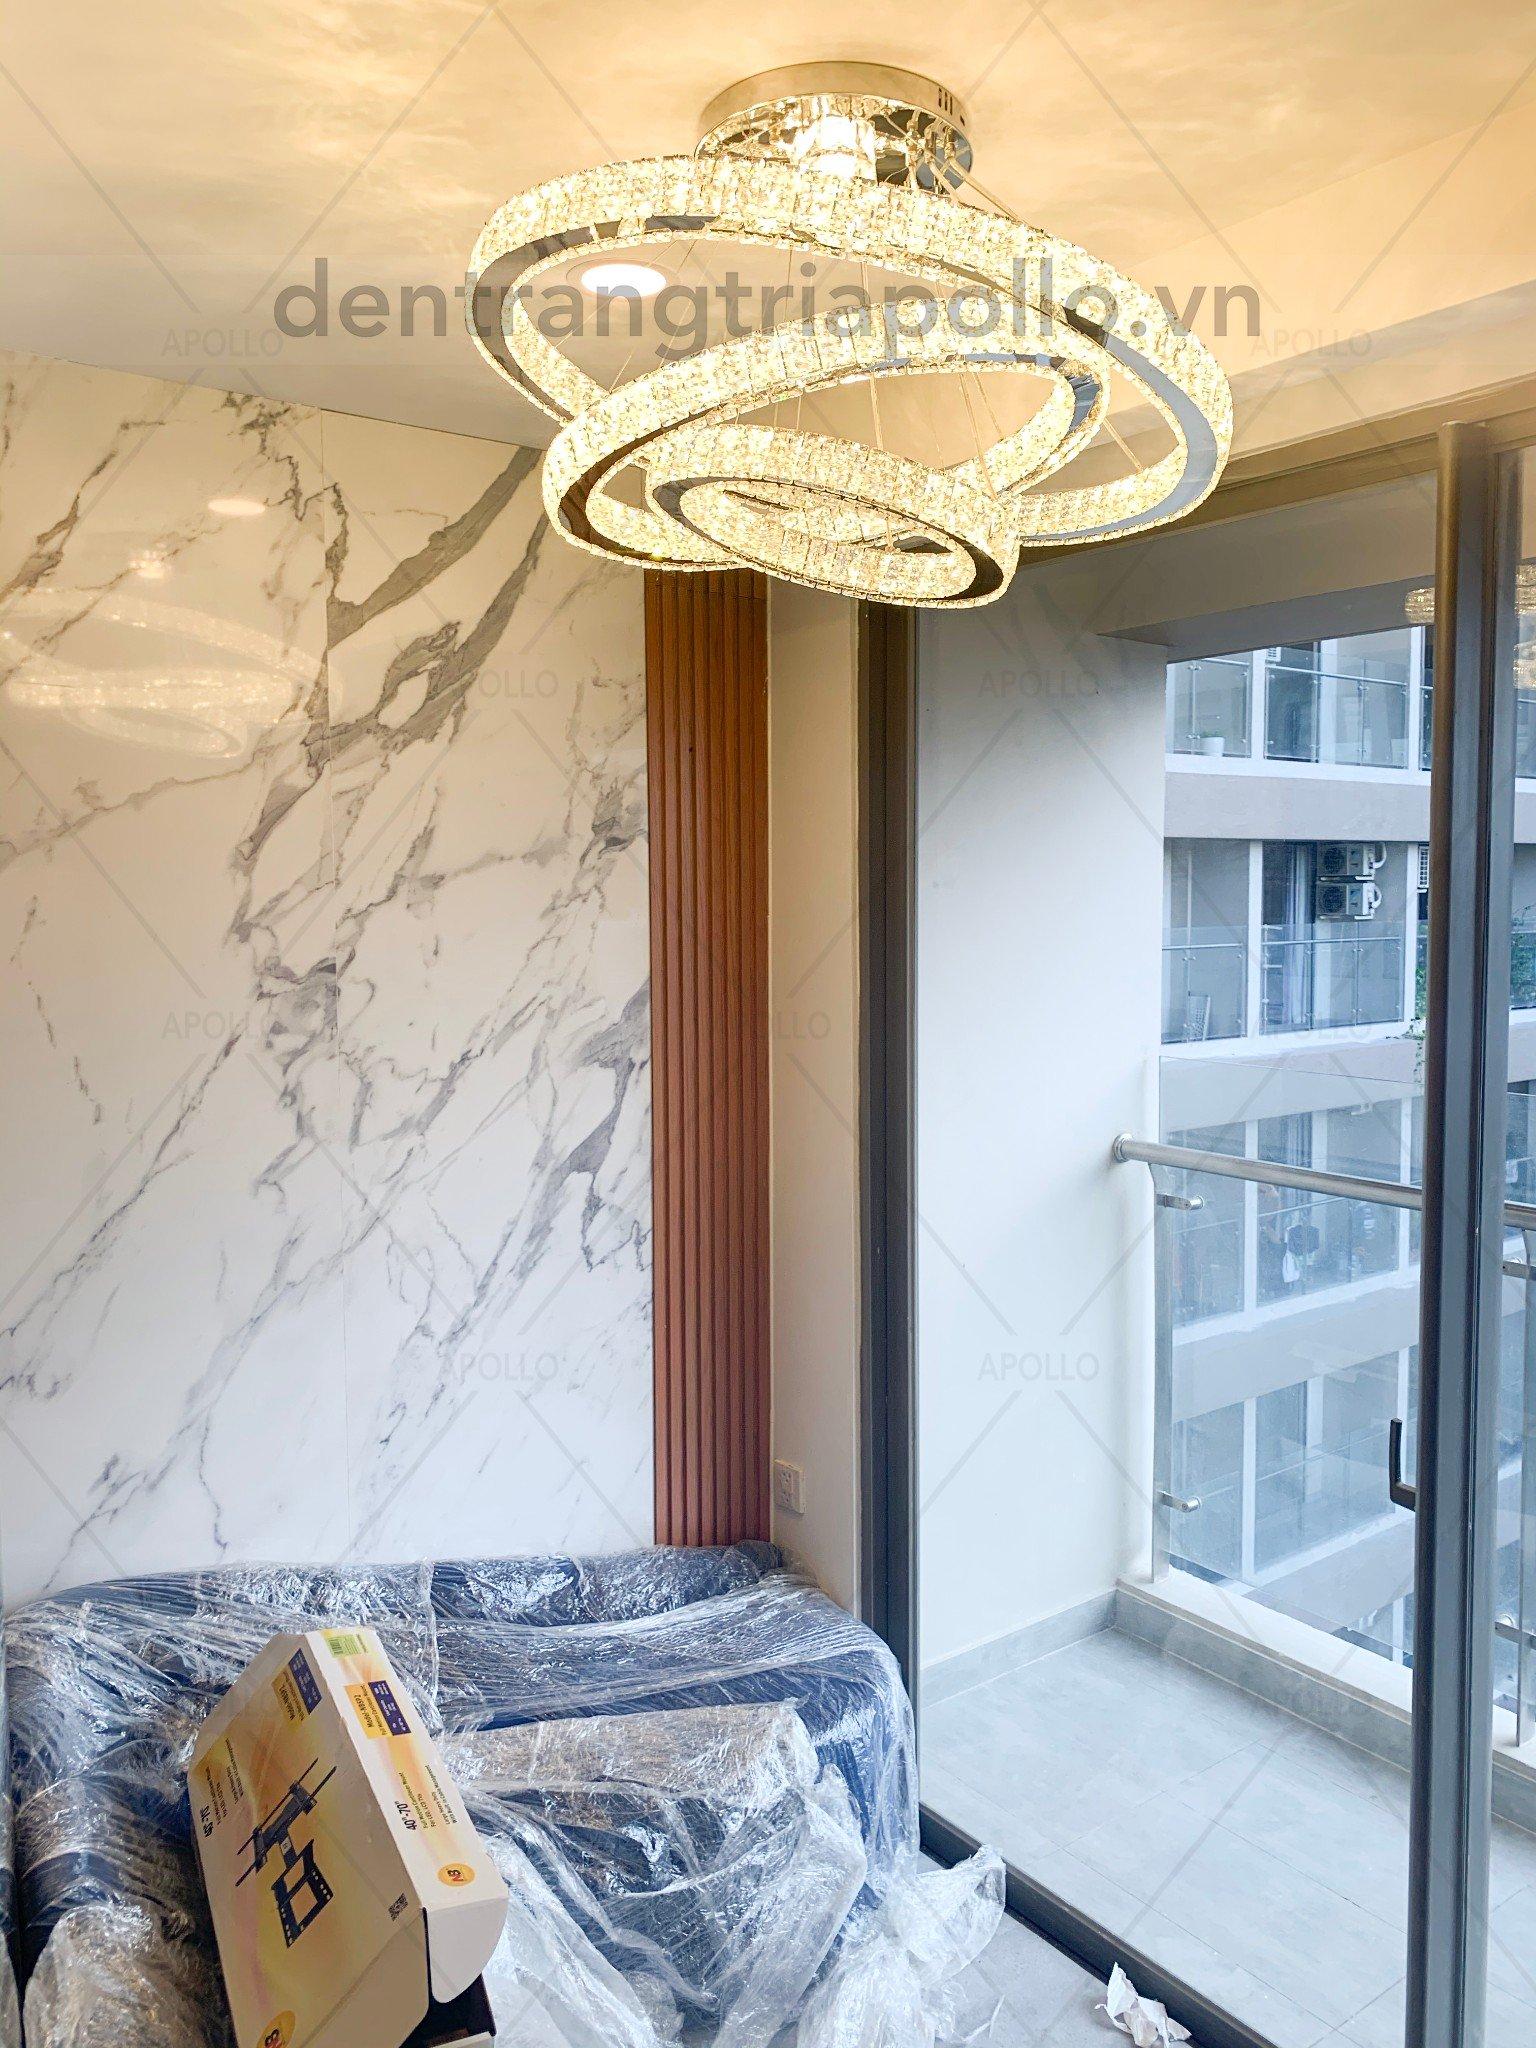 đèn chùm pha lê phòng khách căn hộ chung cư